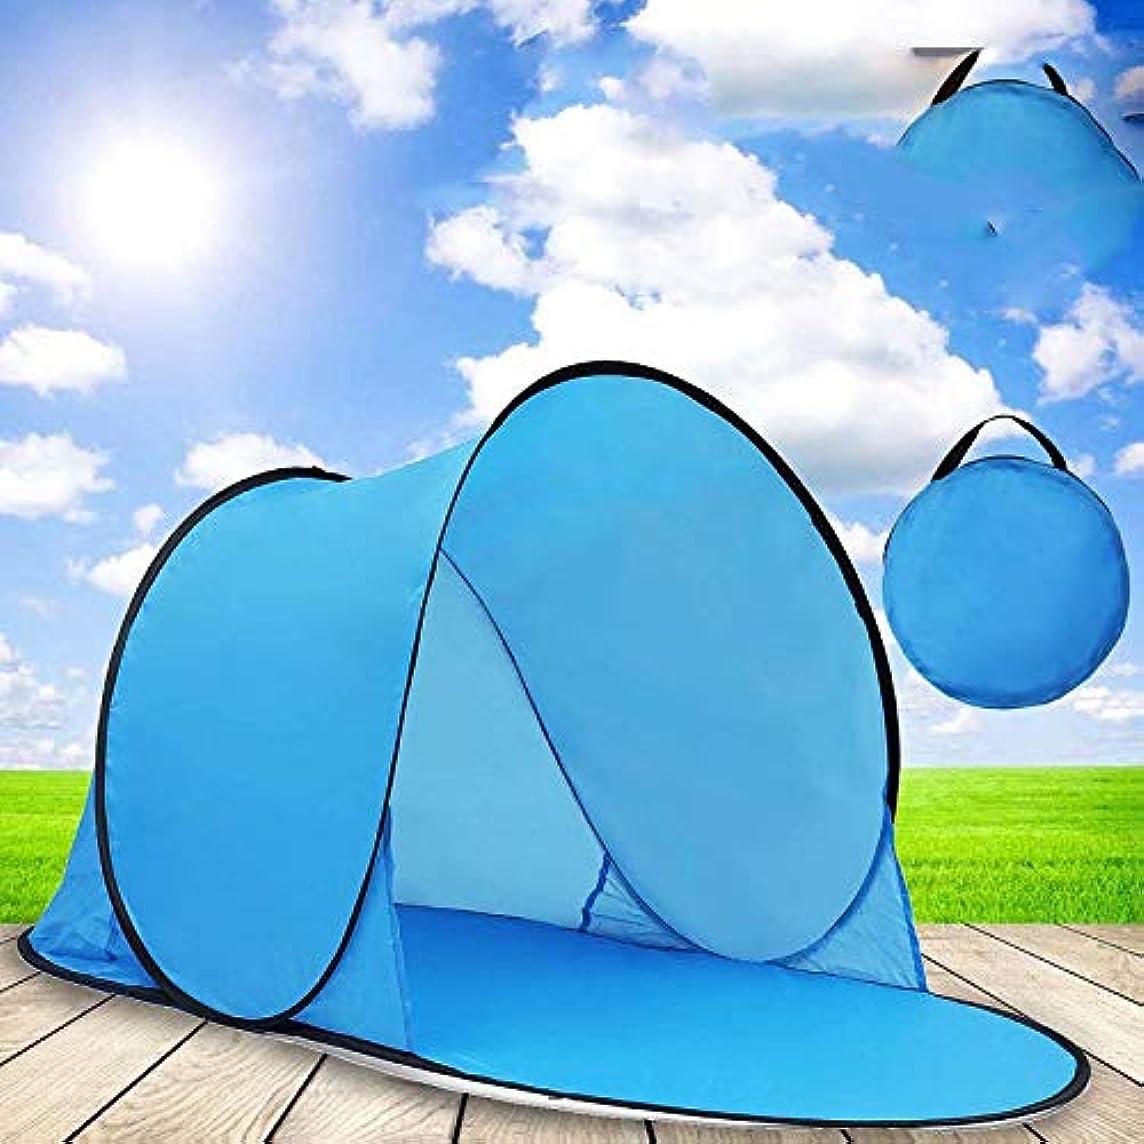 すべき砂の青BXXU 1000 PCS木製キューティクルプッシャーオレンジウッドスティックリムーバーマニキュアペディキュアネイルアートデザインピッカーツールセット